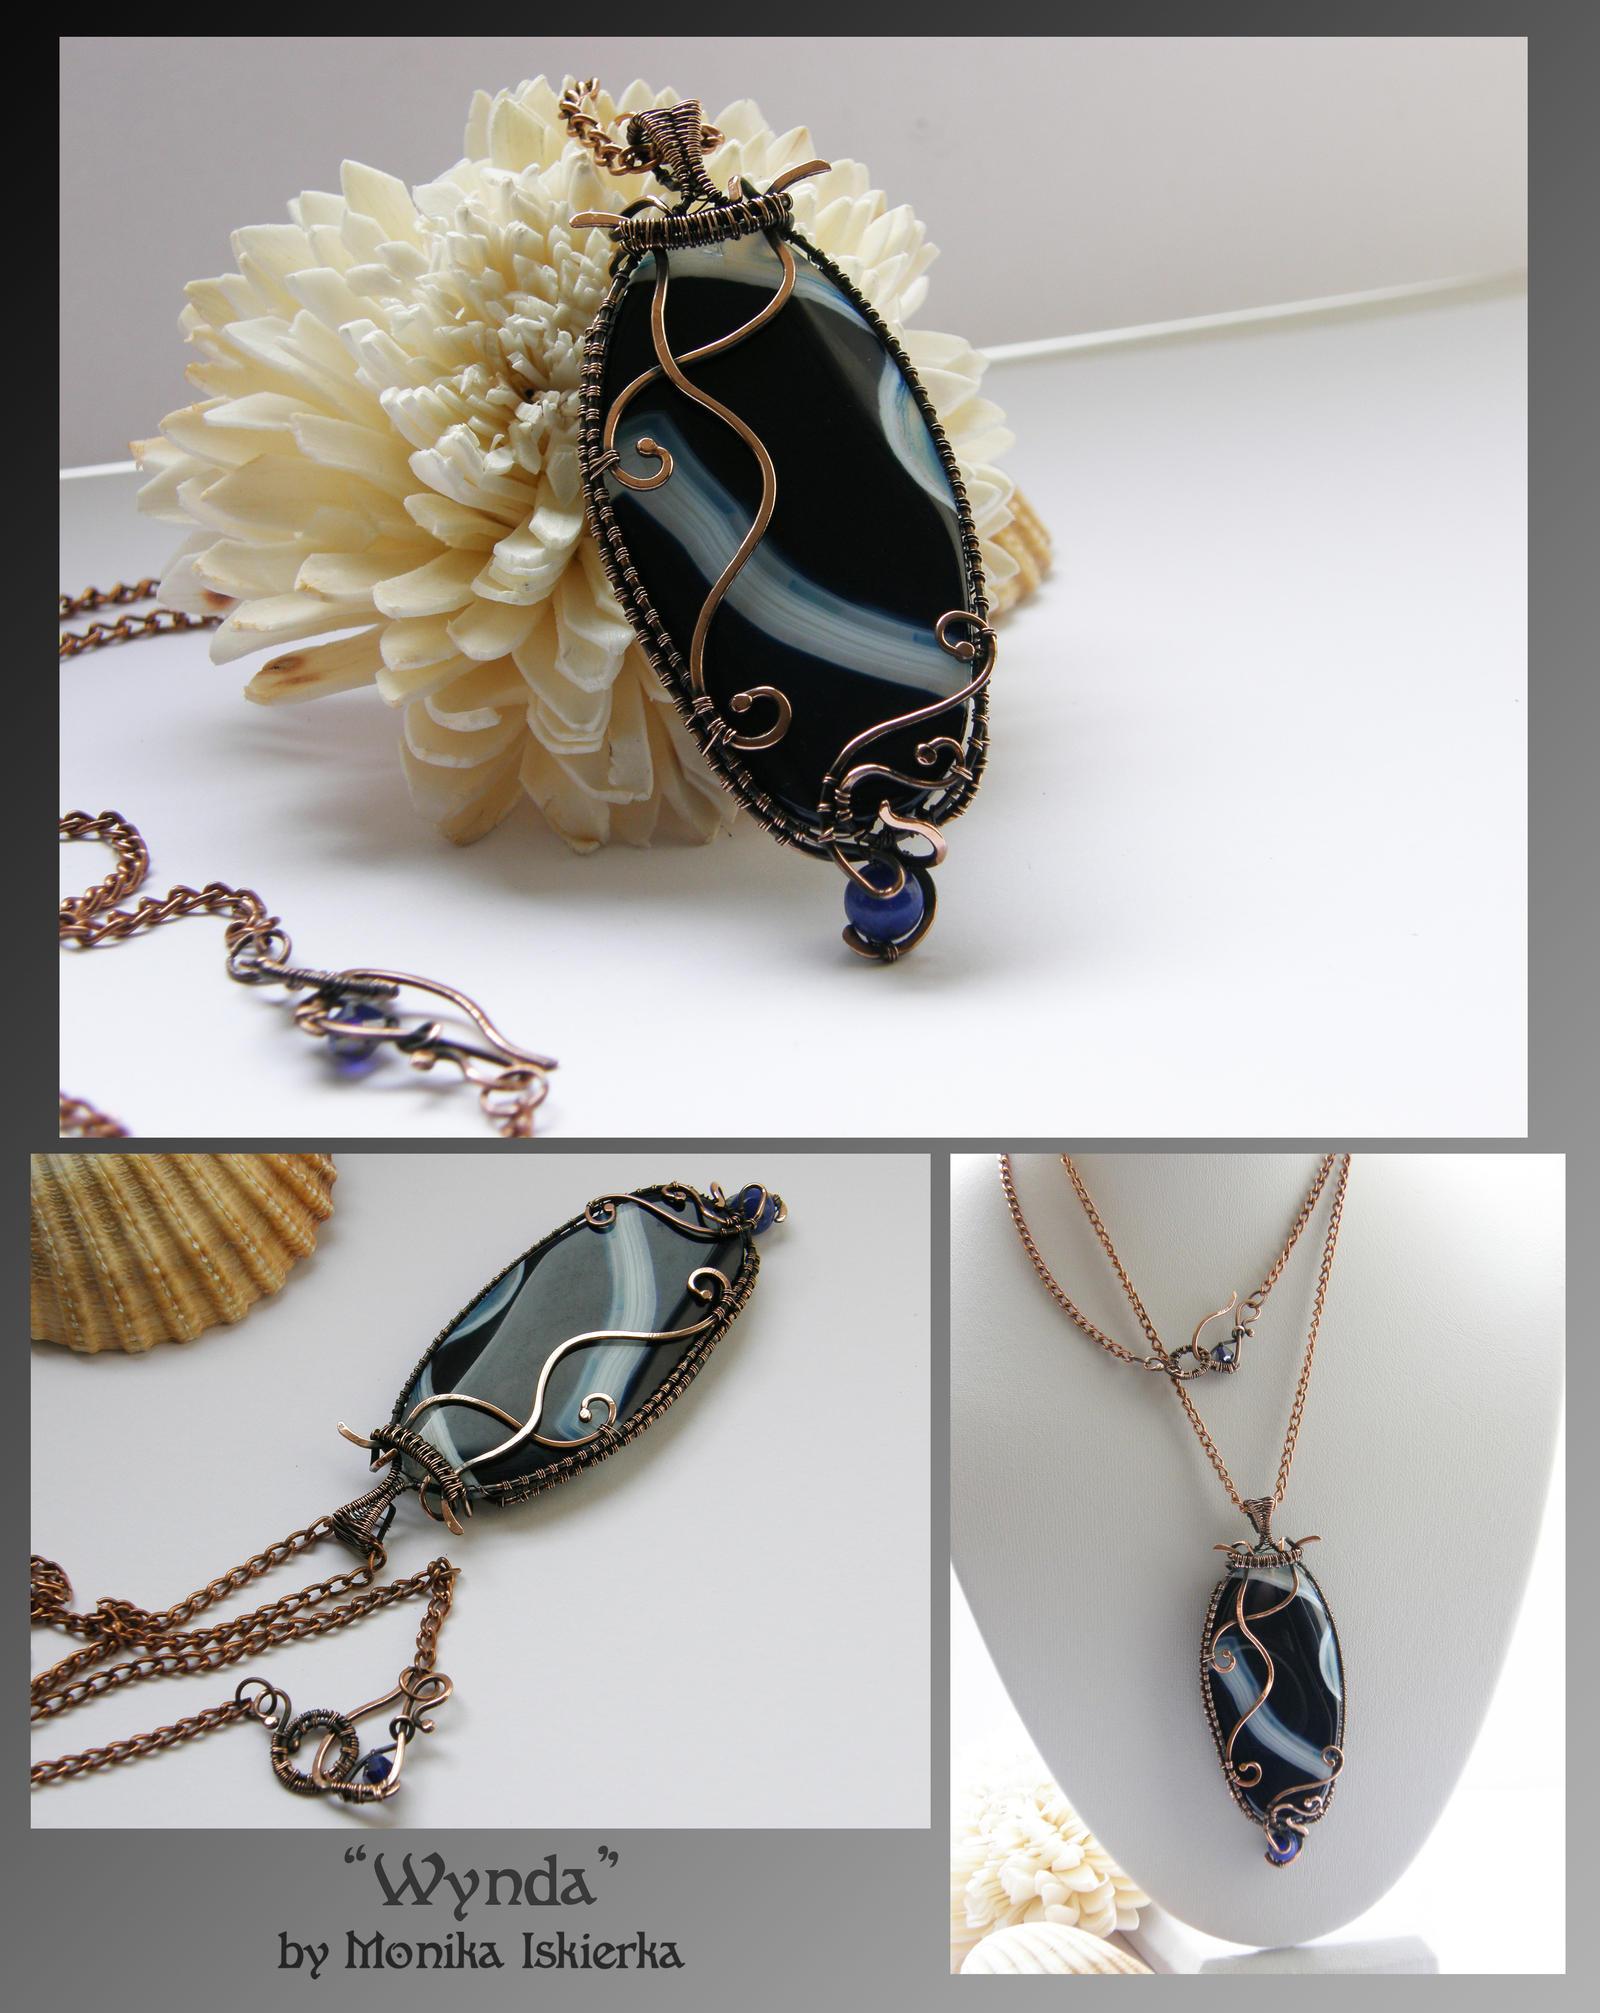 Wynda- wire wrapped necklace